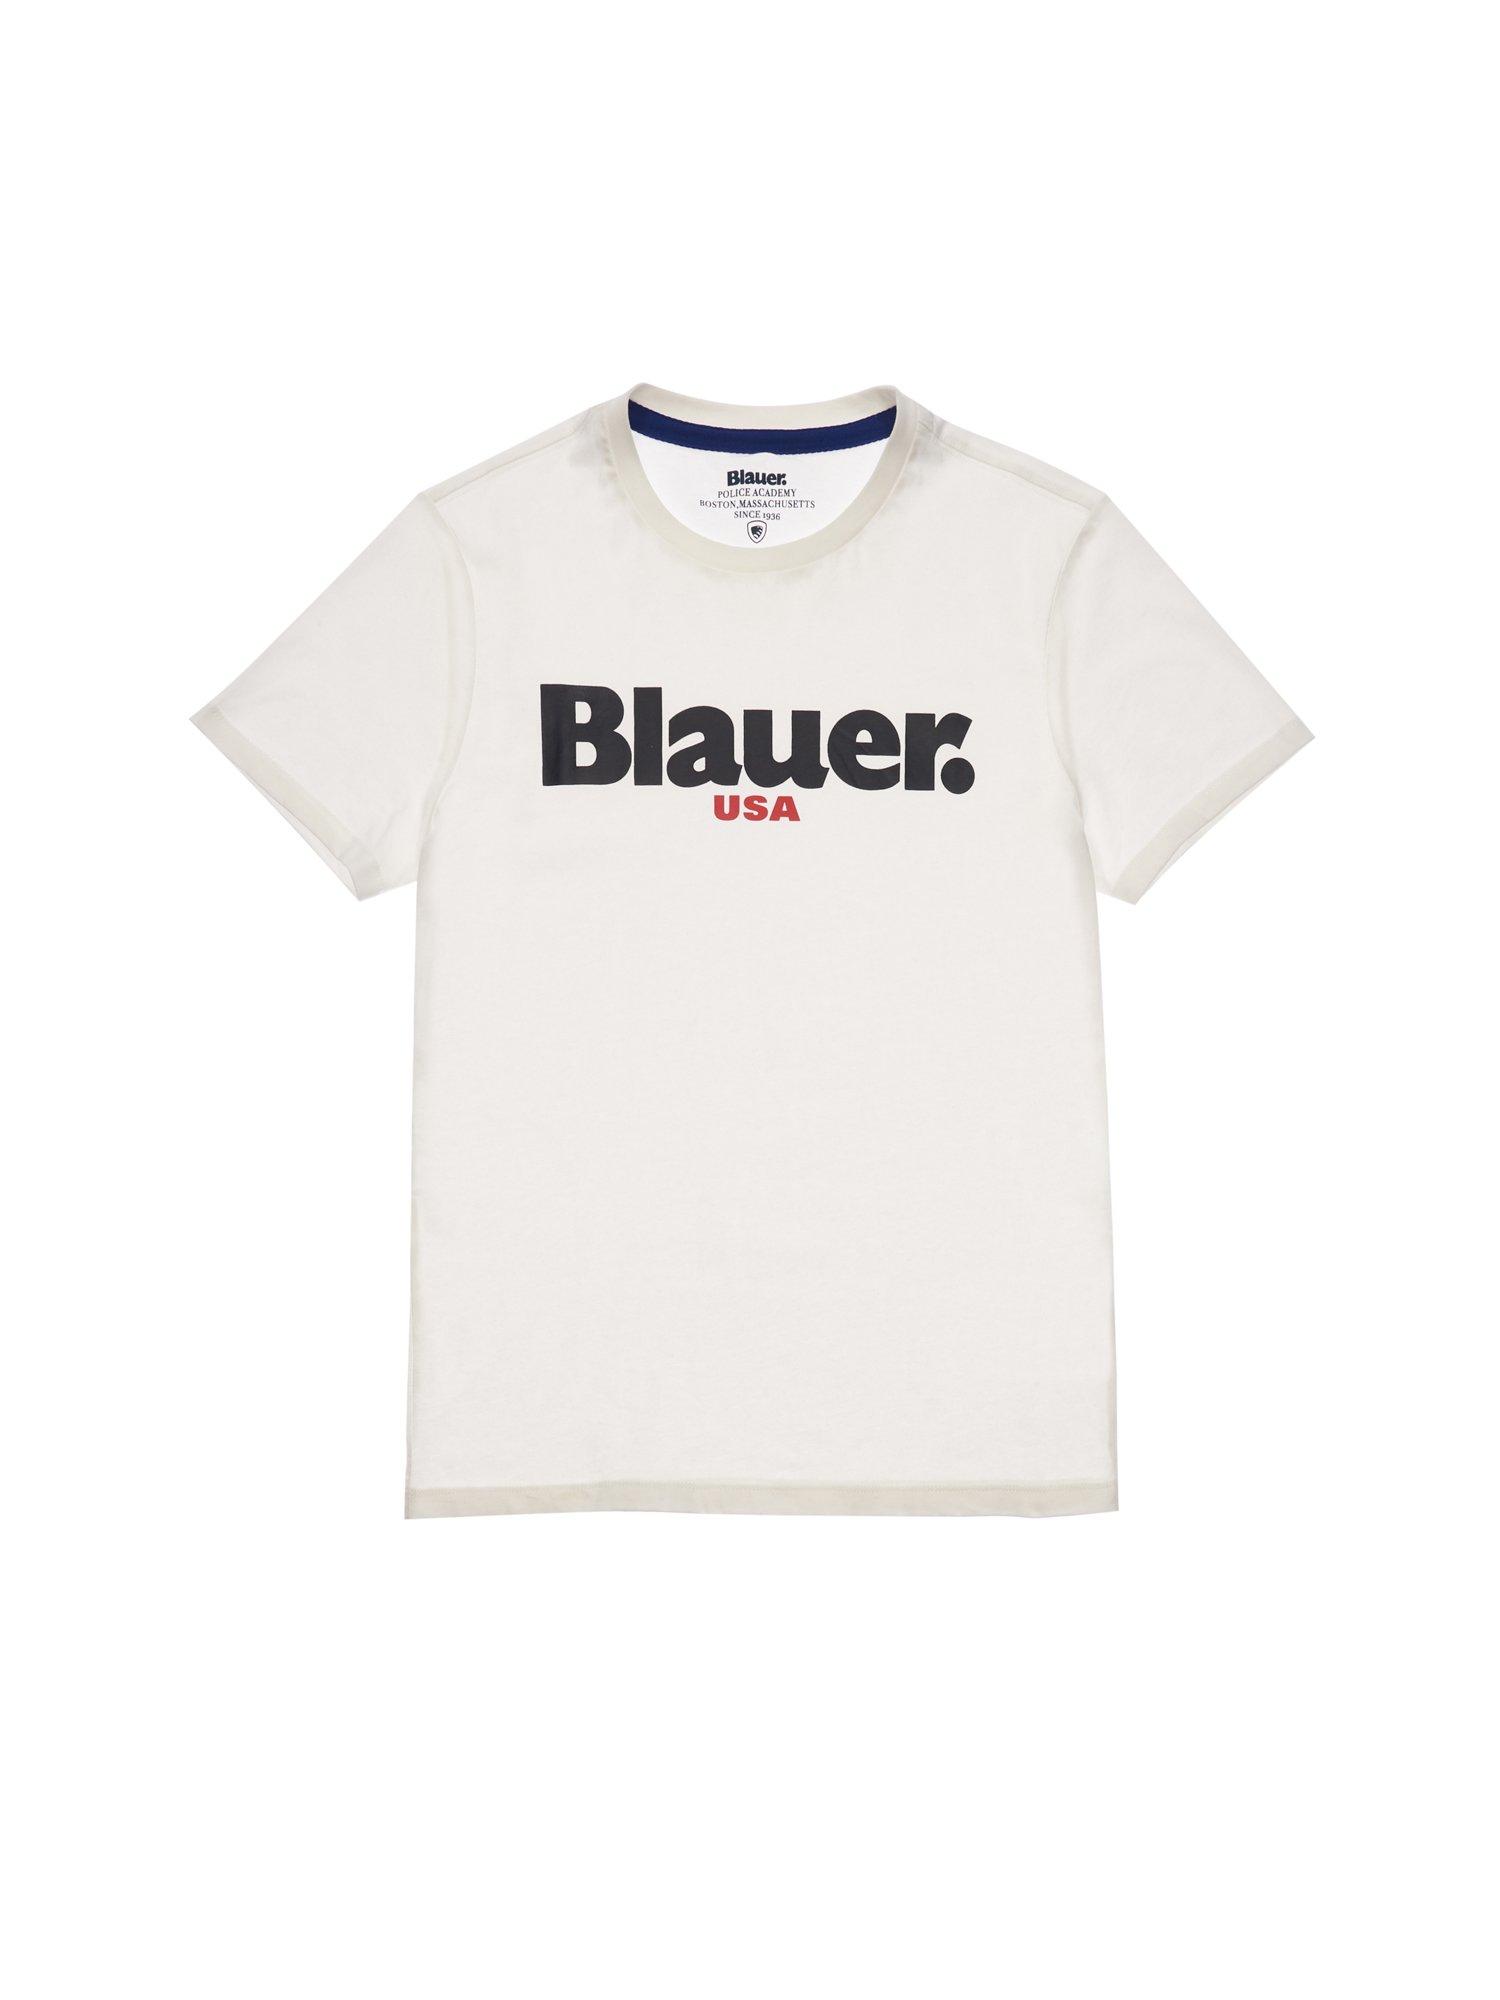 Blauer - T-SHIRT BLAUER USA FÜR HERREN - Elfenbein - Blauer